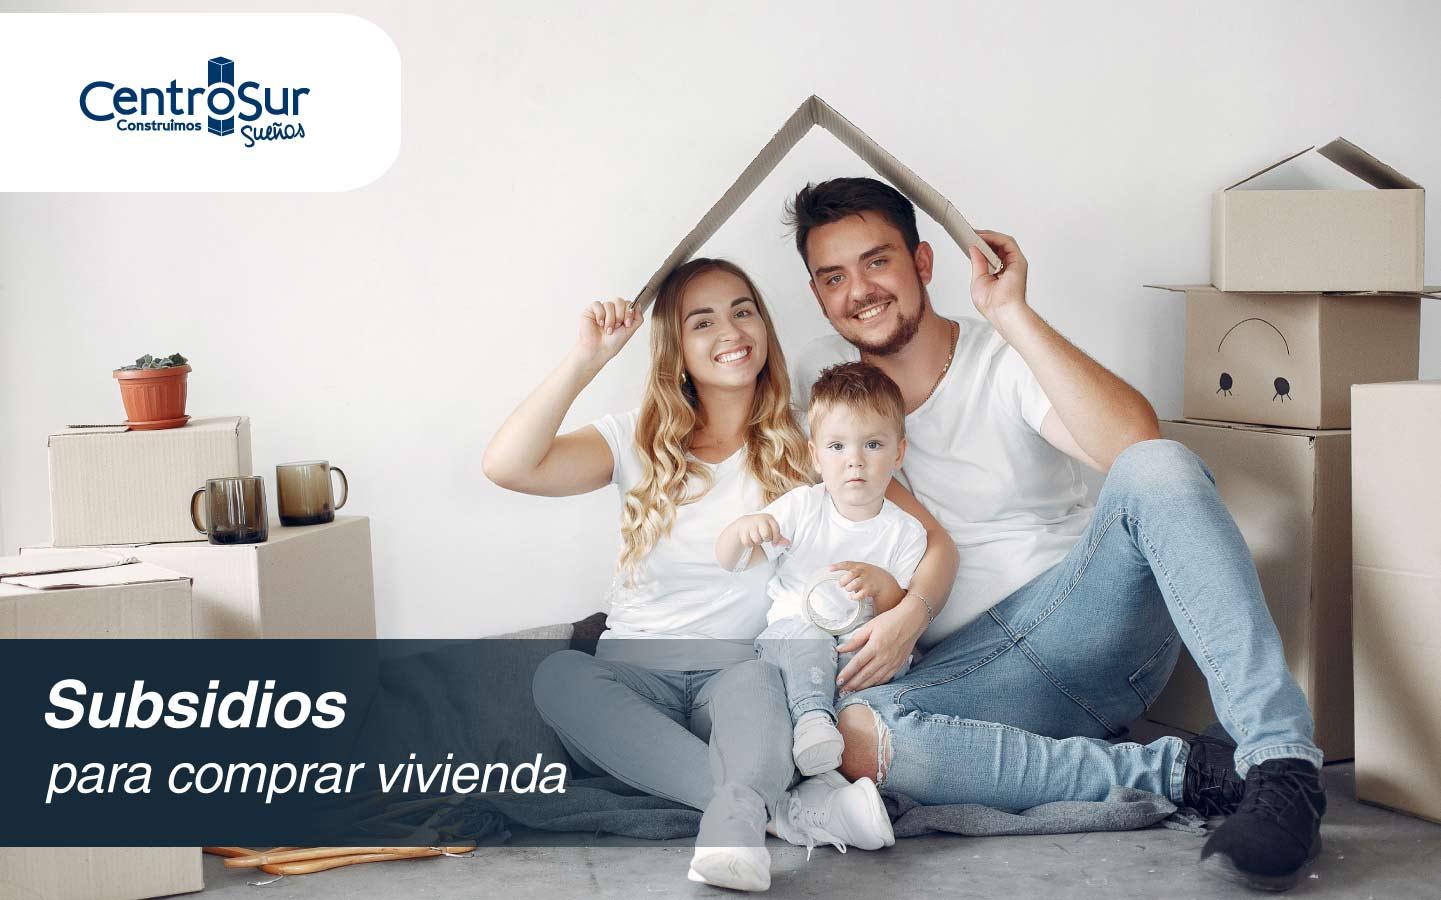 Subsidios para compra de vivienda en Colombia